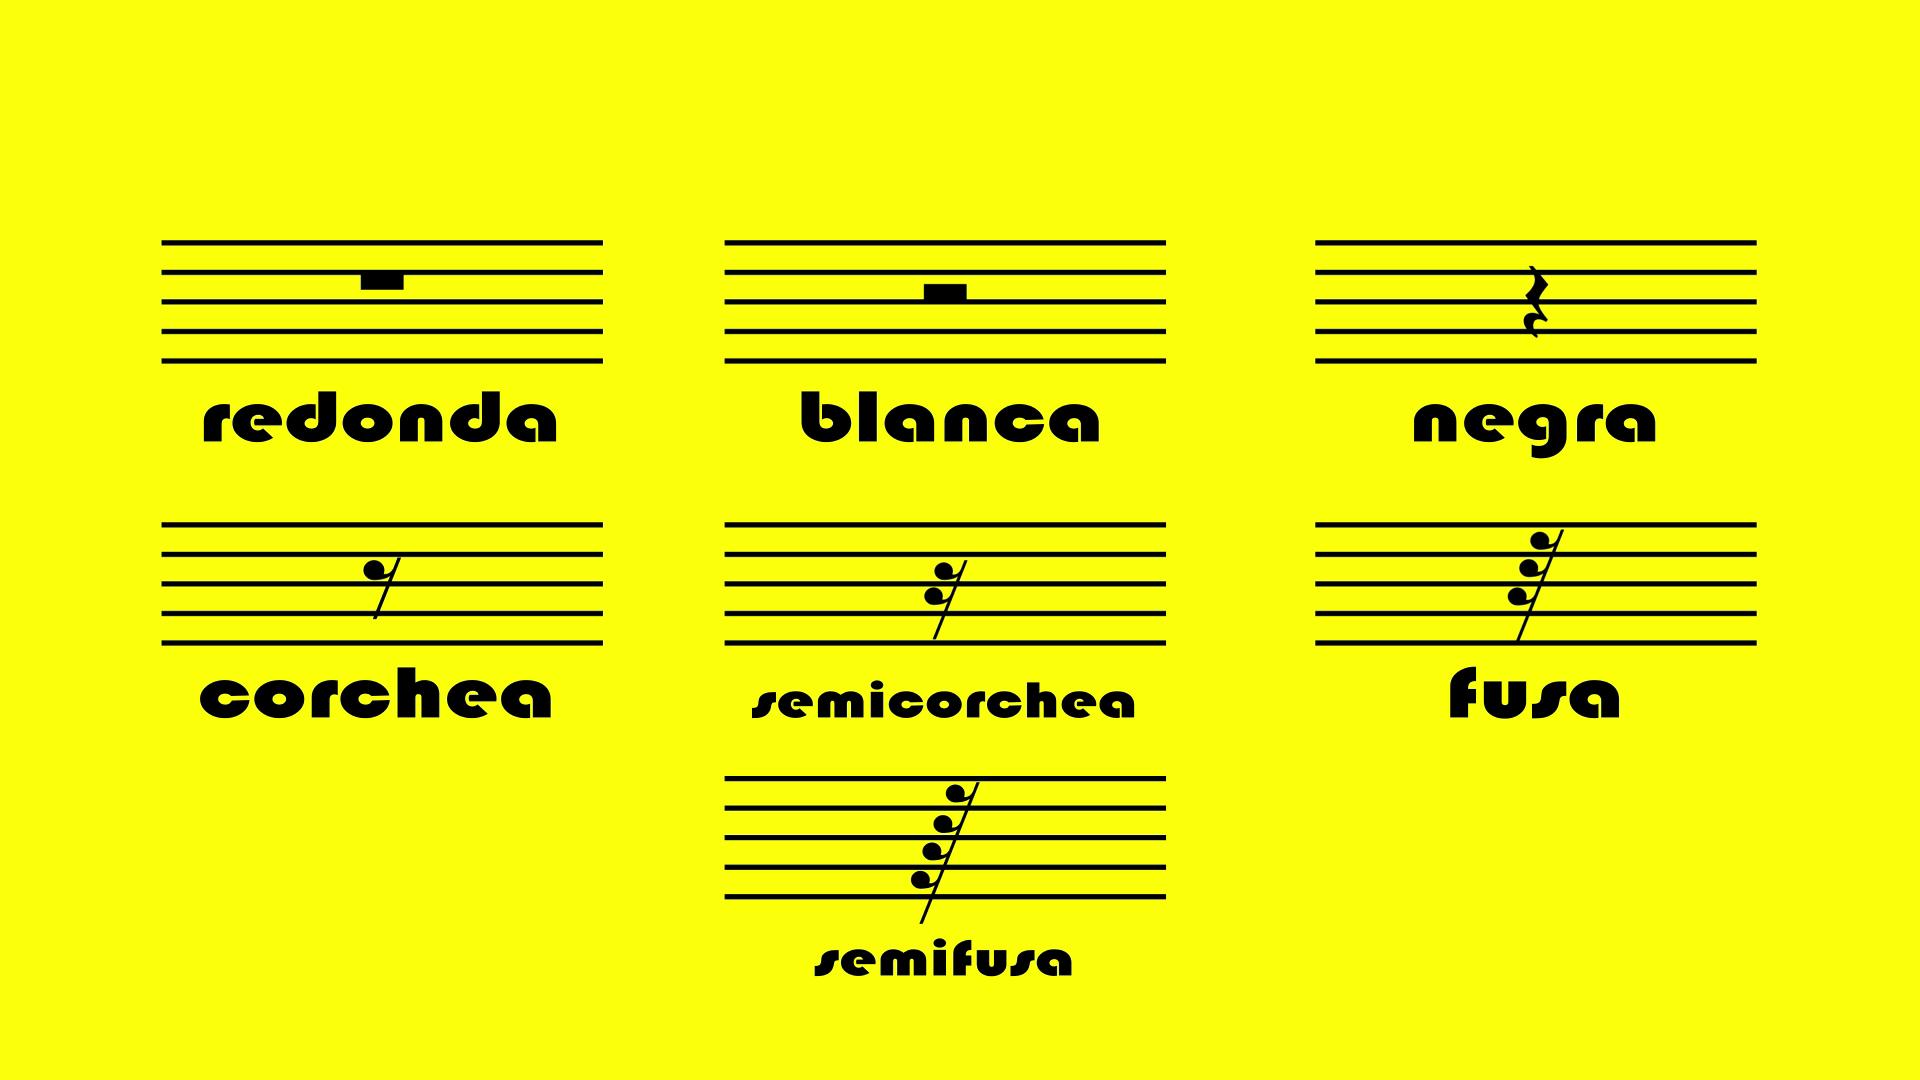 Los silencios en la notación musical